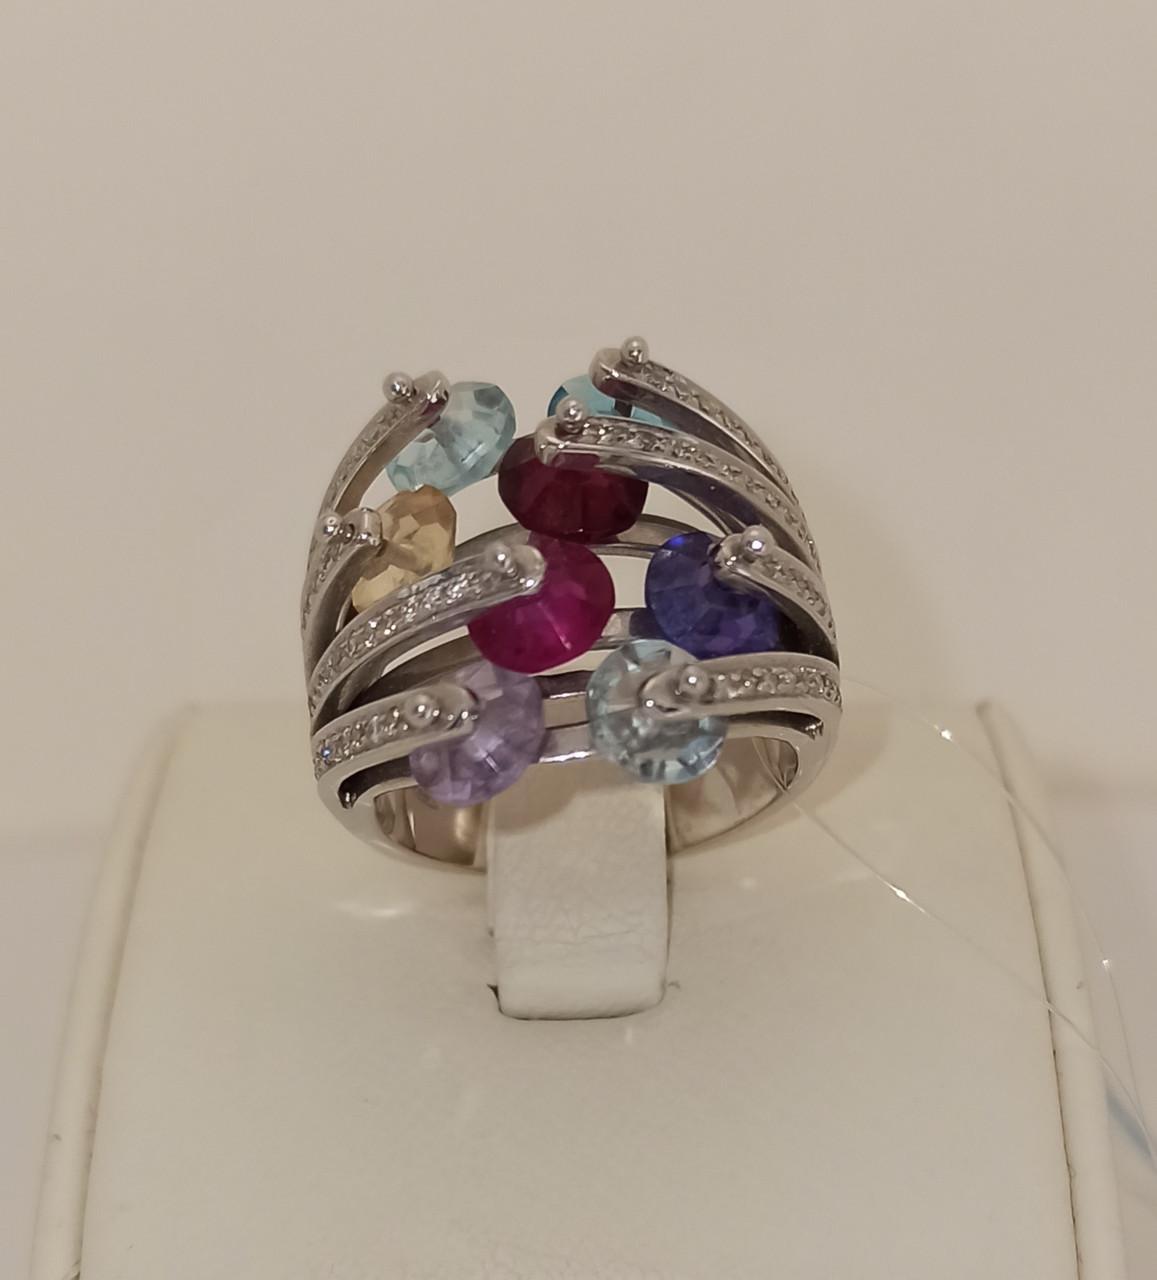 Комплект (бриллианты, аметист, топаз, цитрин) - фото 2